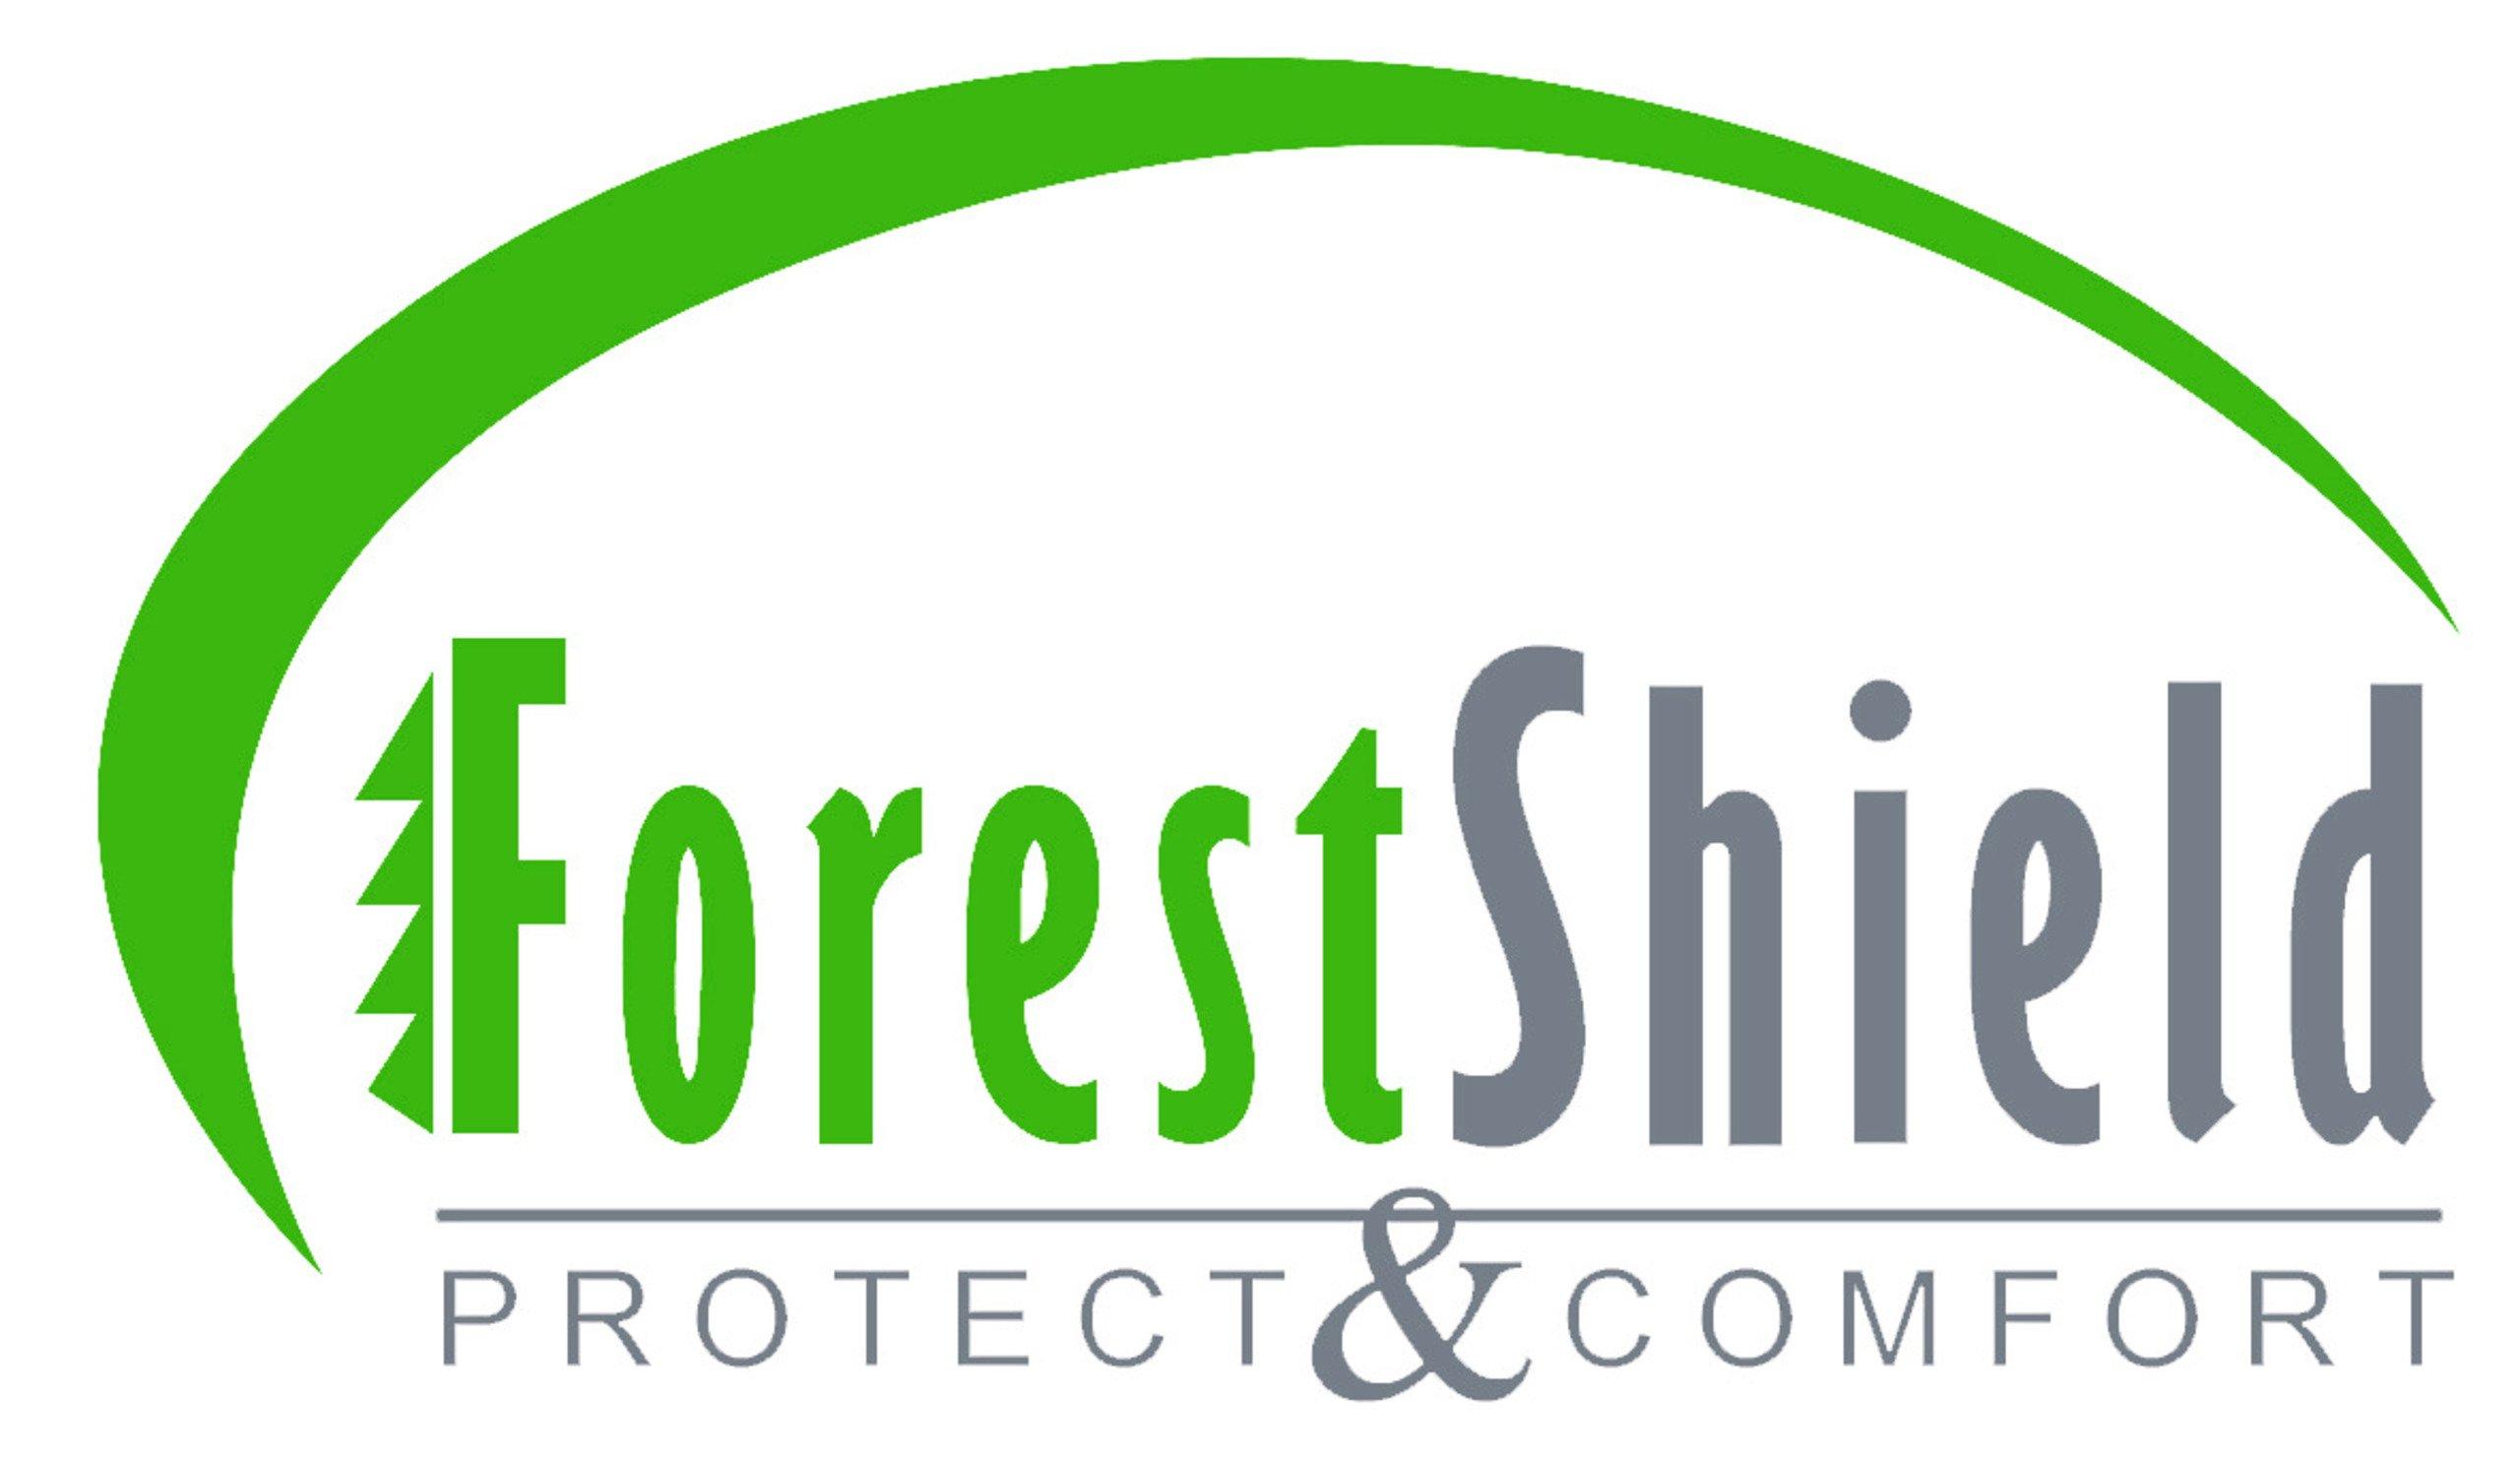 ForestShield